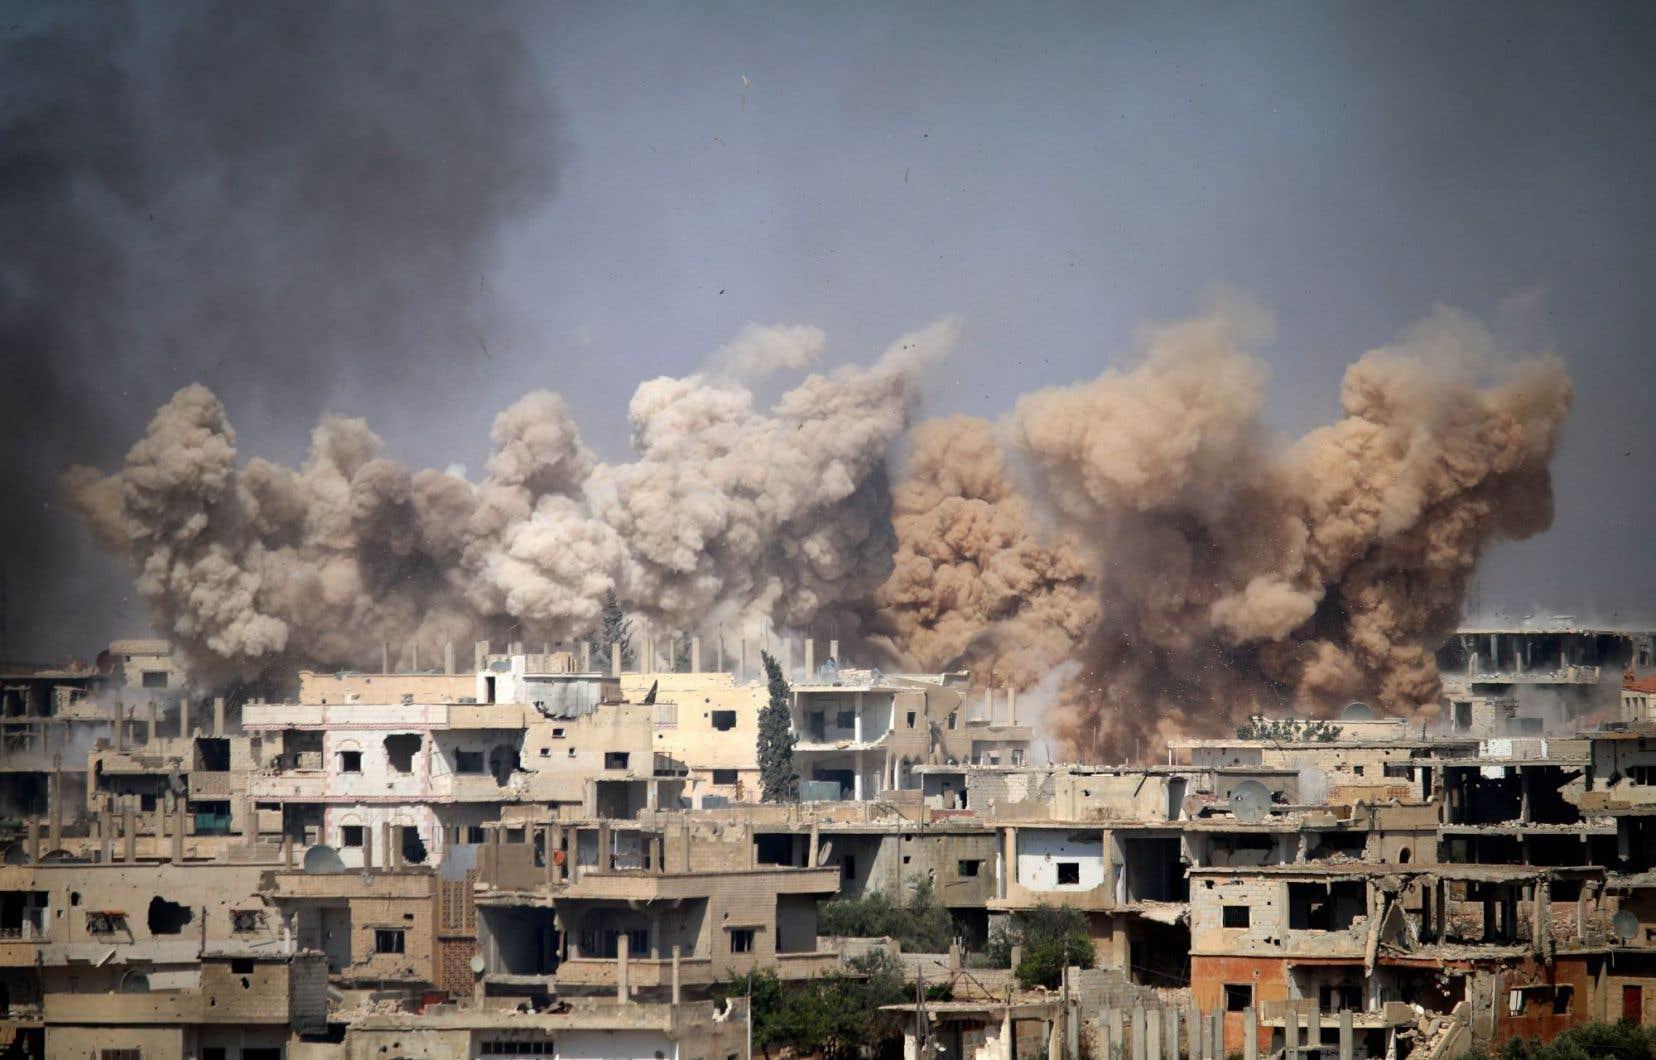 «L'issue de la guerre à l'ouest [en Syrie] est pratiquement scellée: les djihadistes, toutes obédiences confondues, sont mis en échec», écrit Samir Saul.